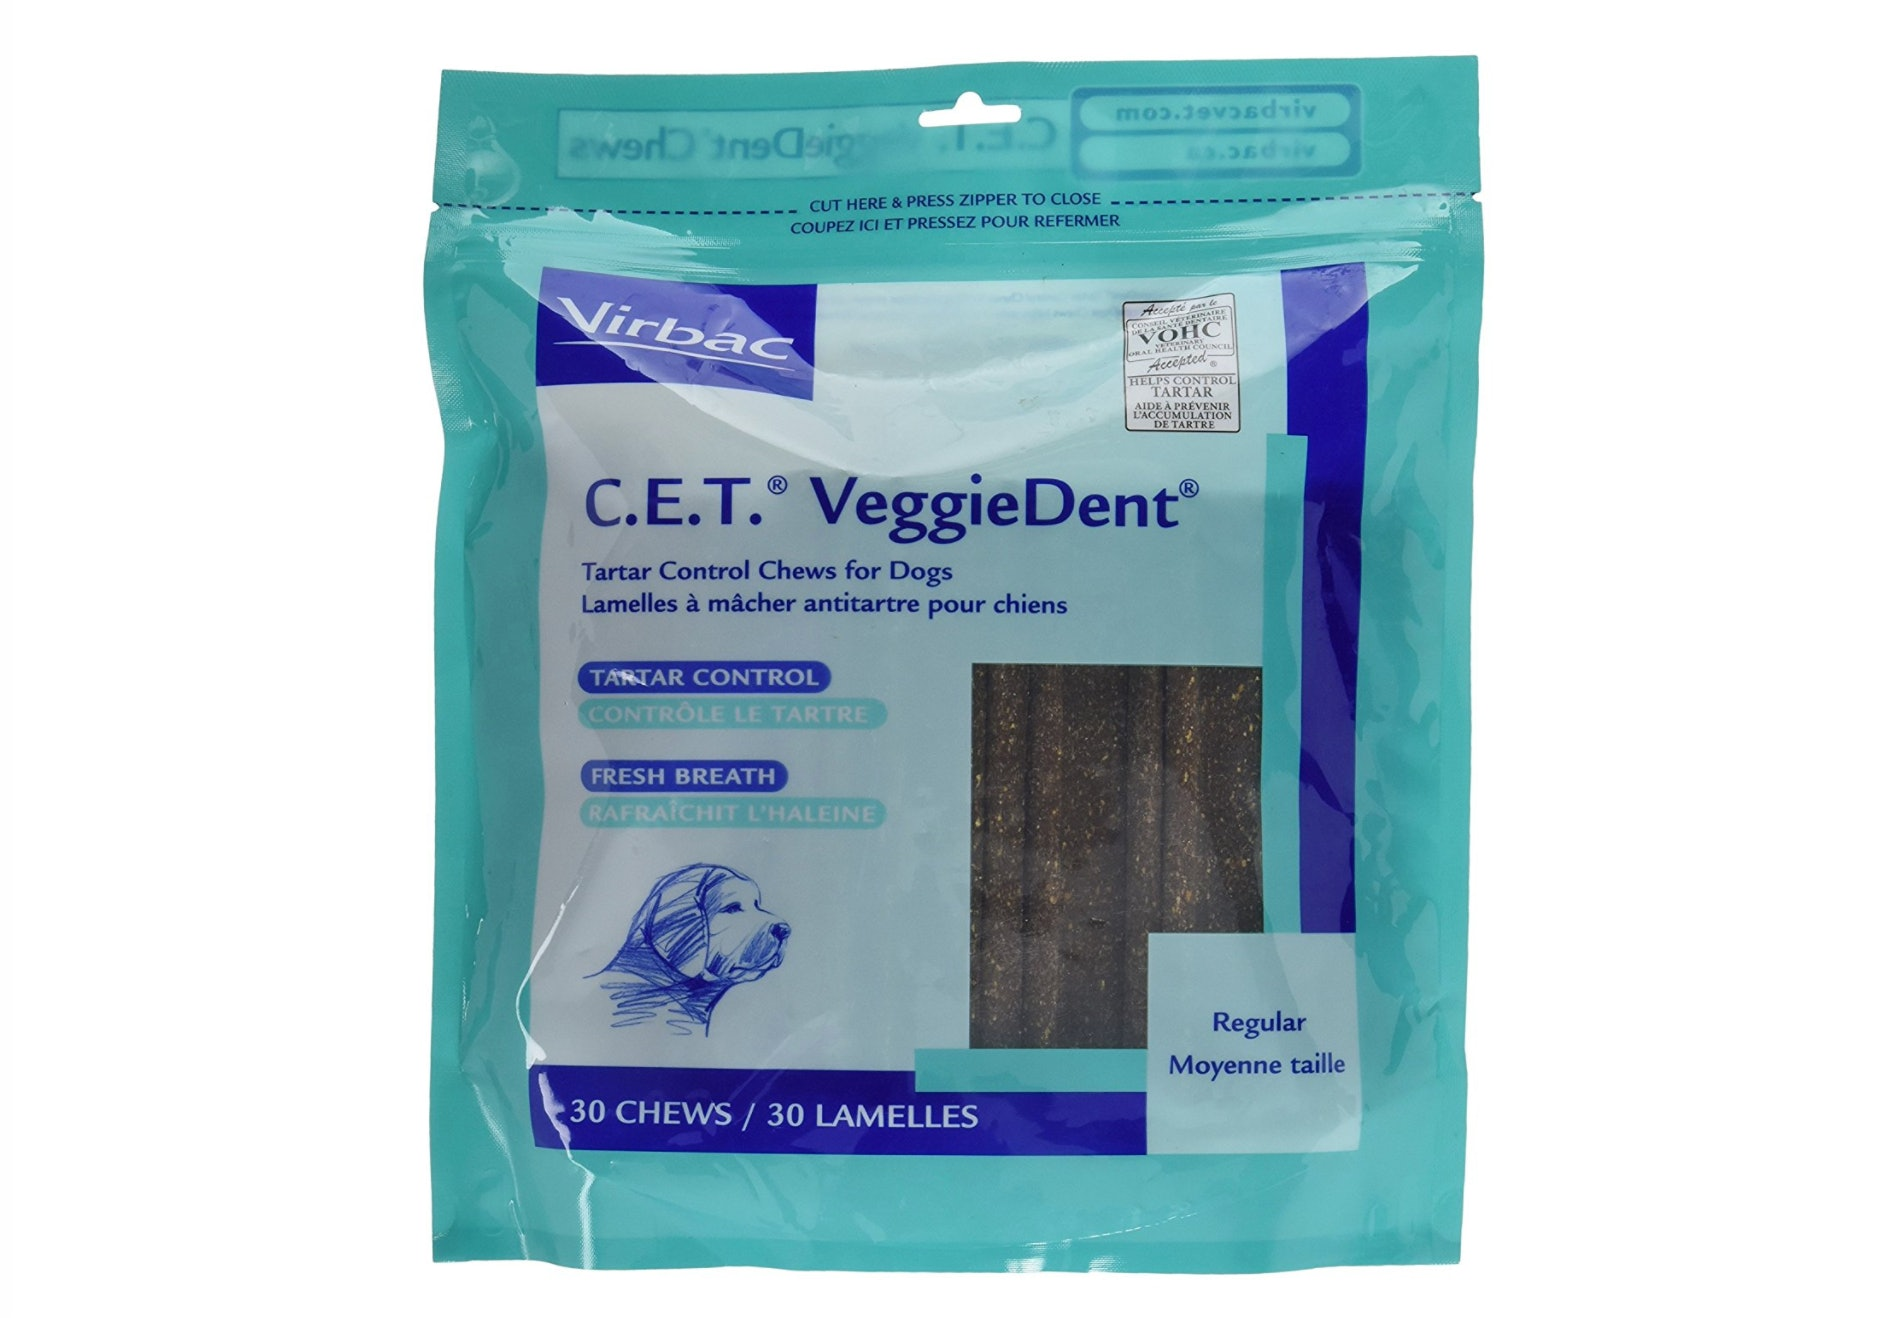 veggiedent chews